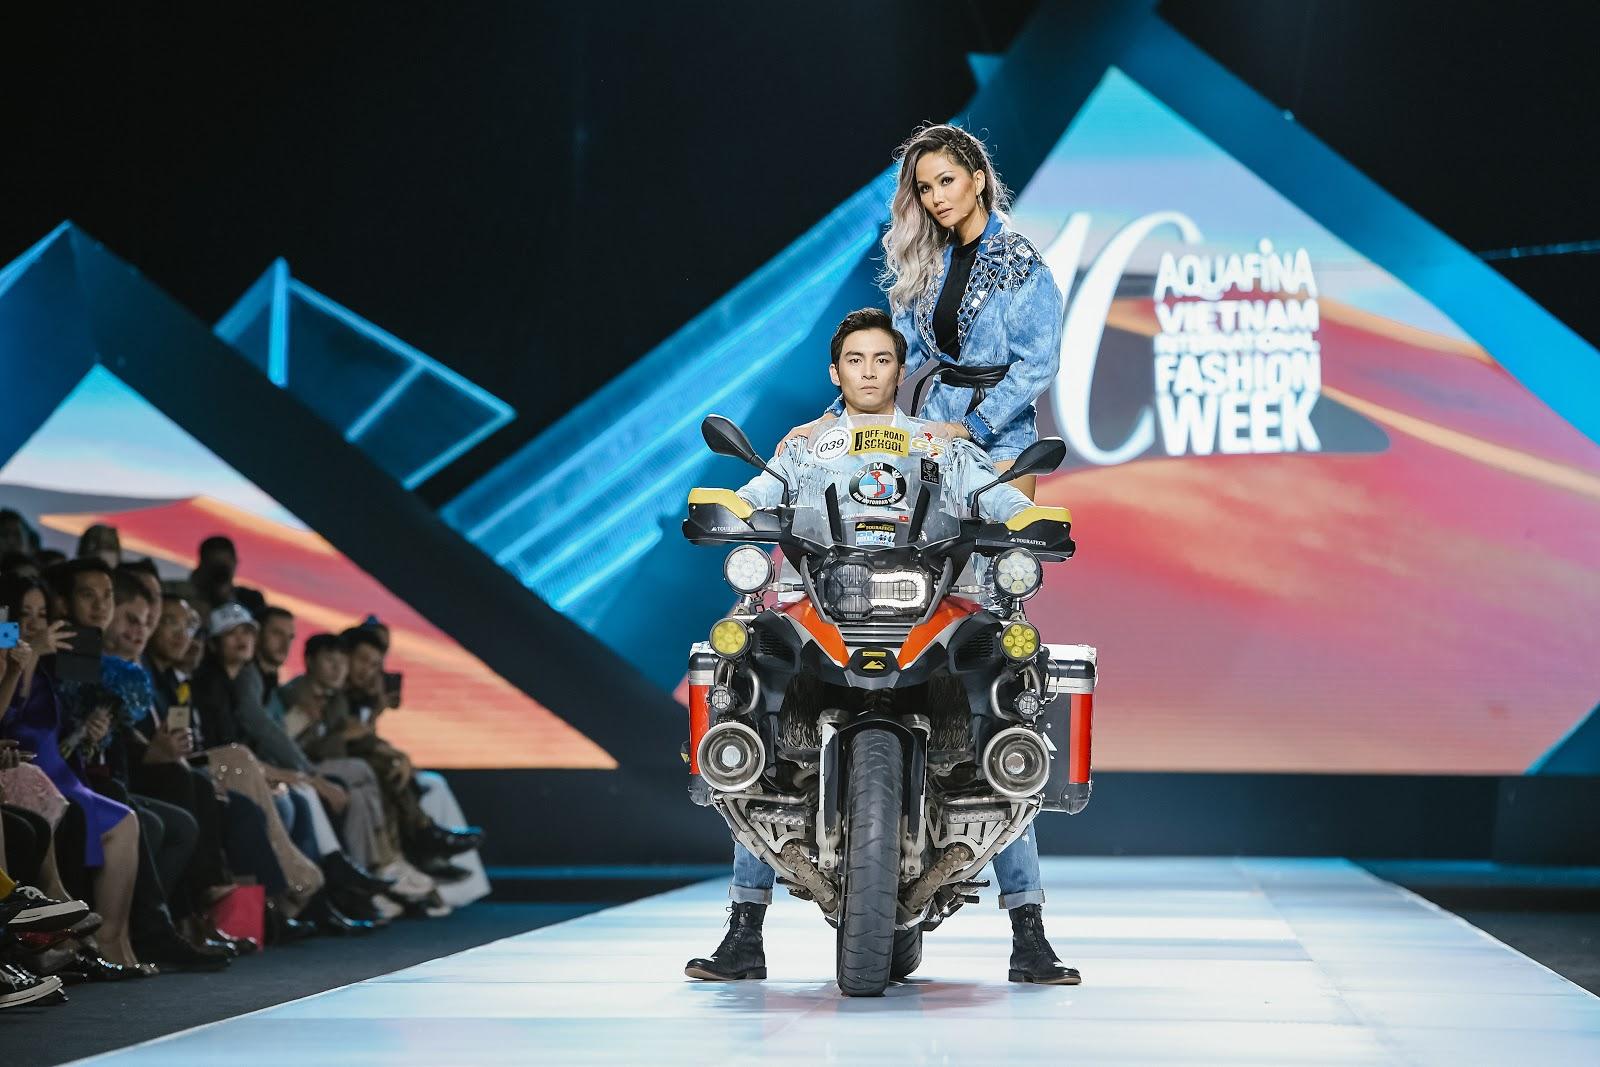 Vietnam International Fashion Week - Hành trình đưa nghành thời trang đến gần hơn với quốc tế - Hình 16